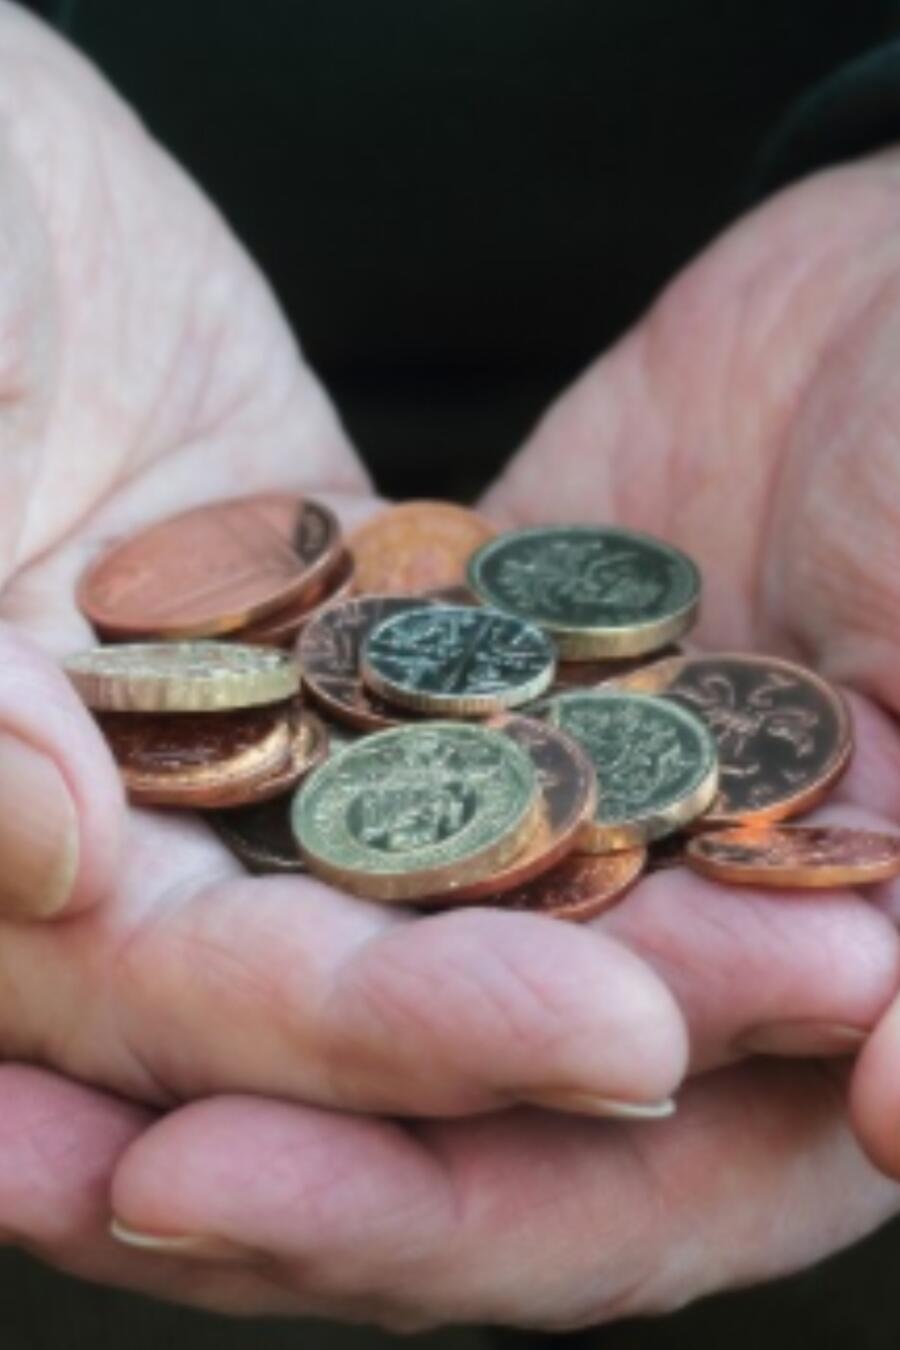 Tesoro Reino Unido